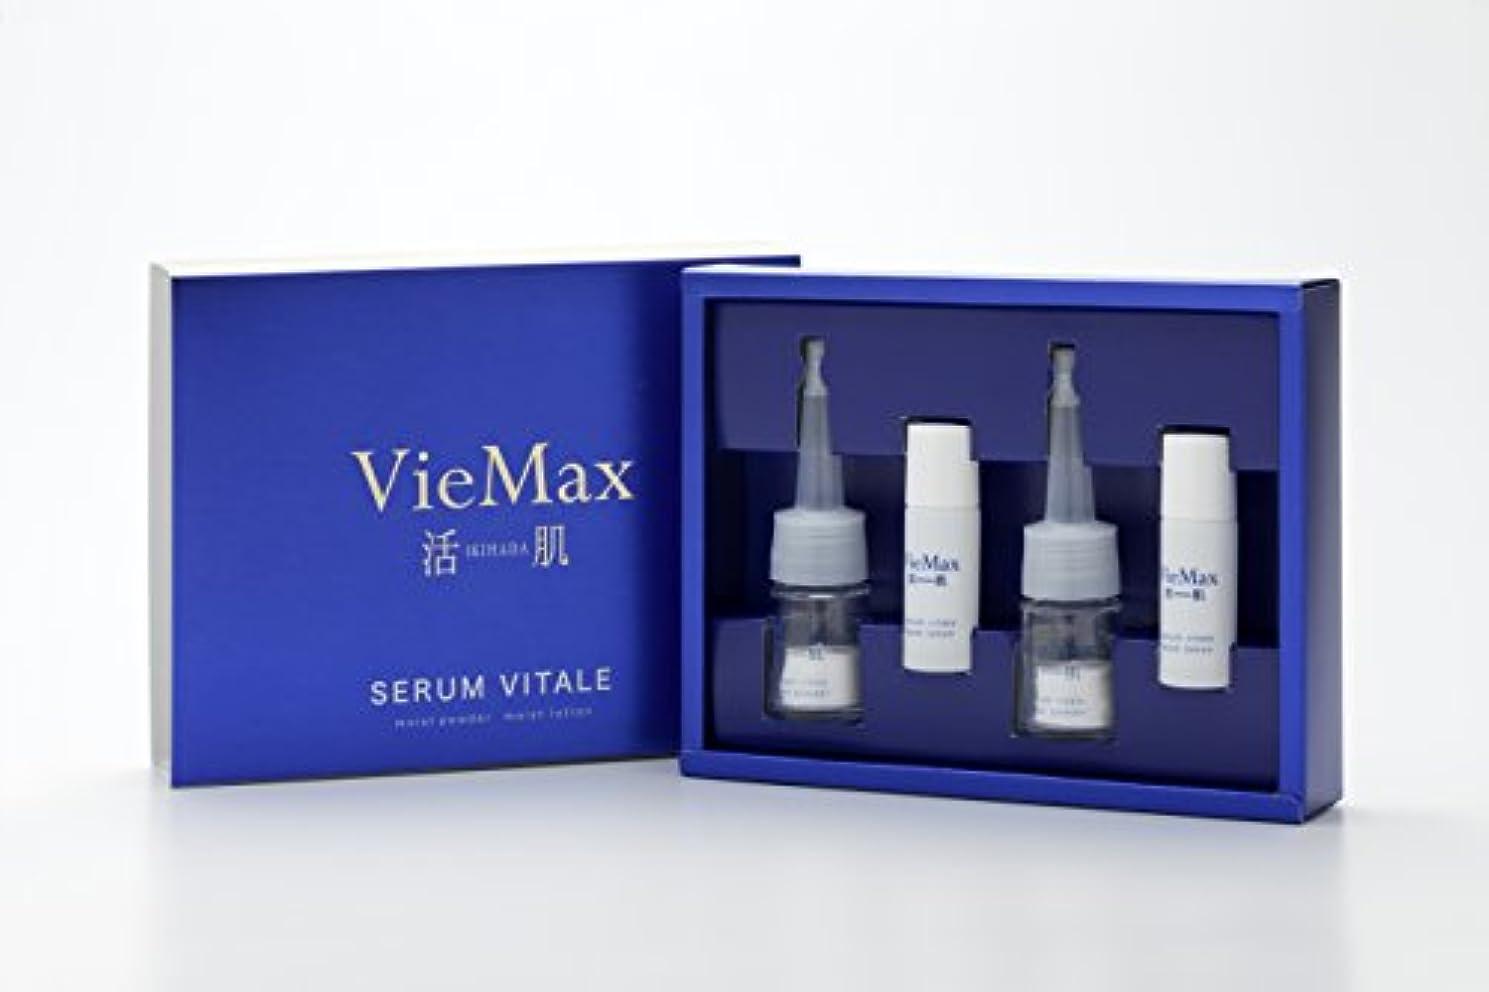 パッド統計憂慮すべきVieMax活肌セラムヴィターレ(生コラーゲン美容液)2セット入り